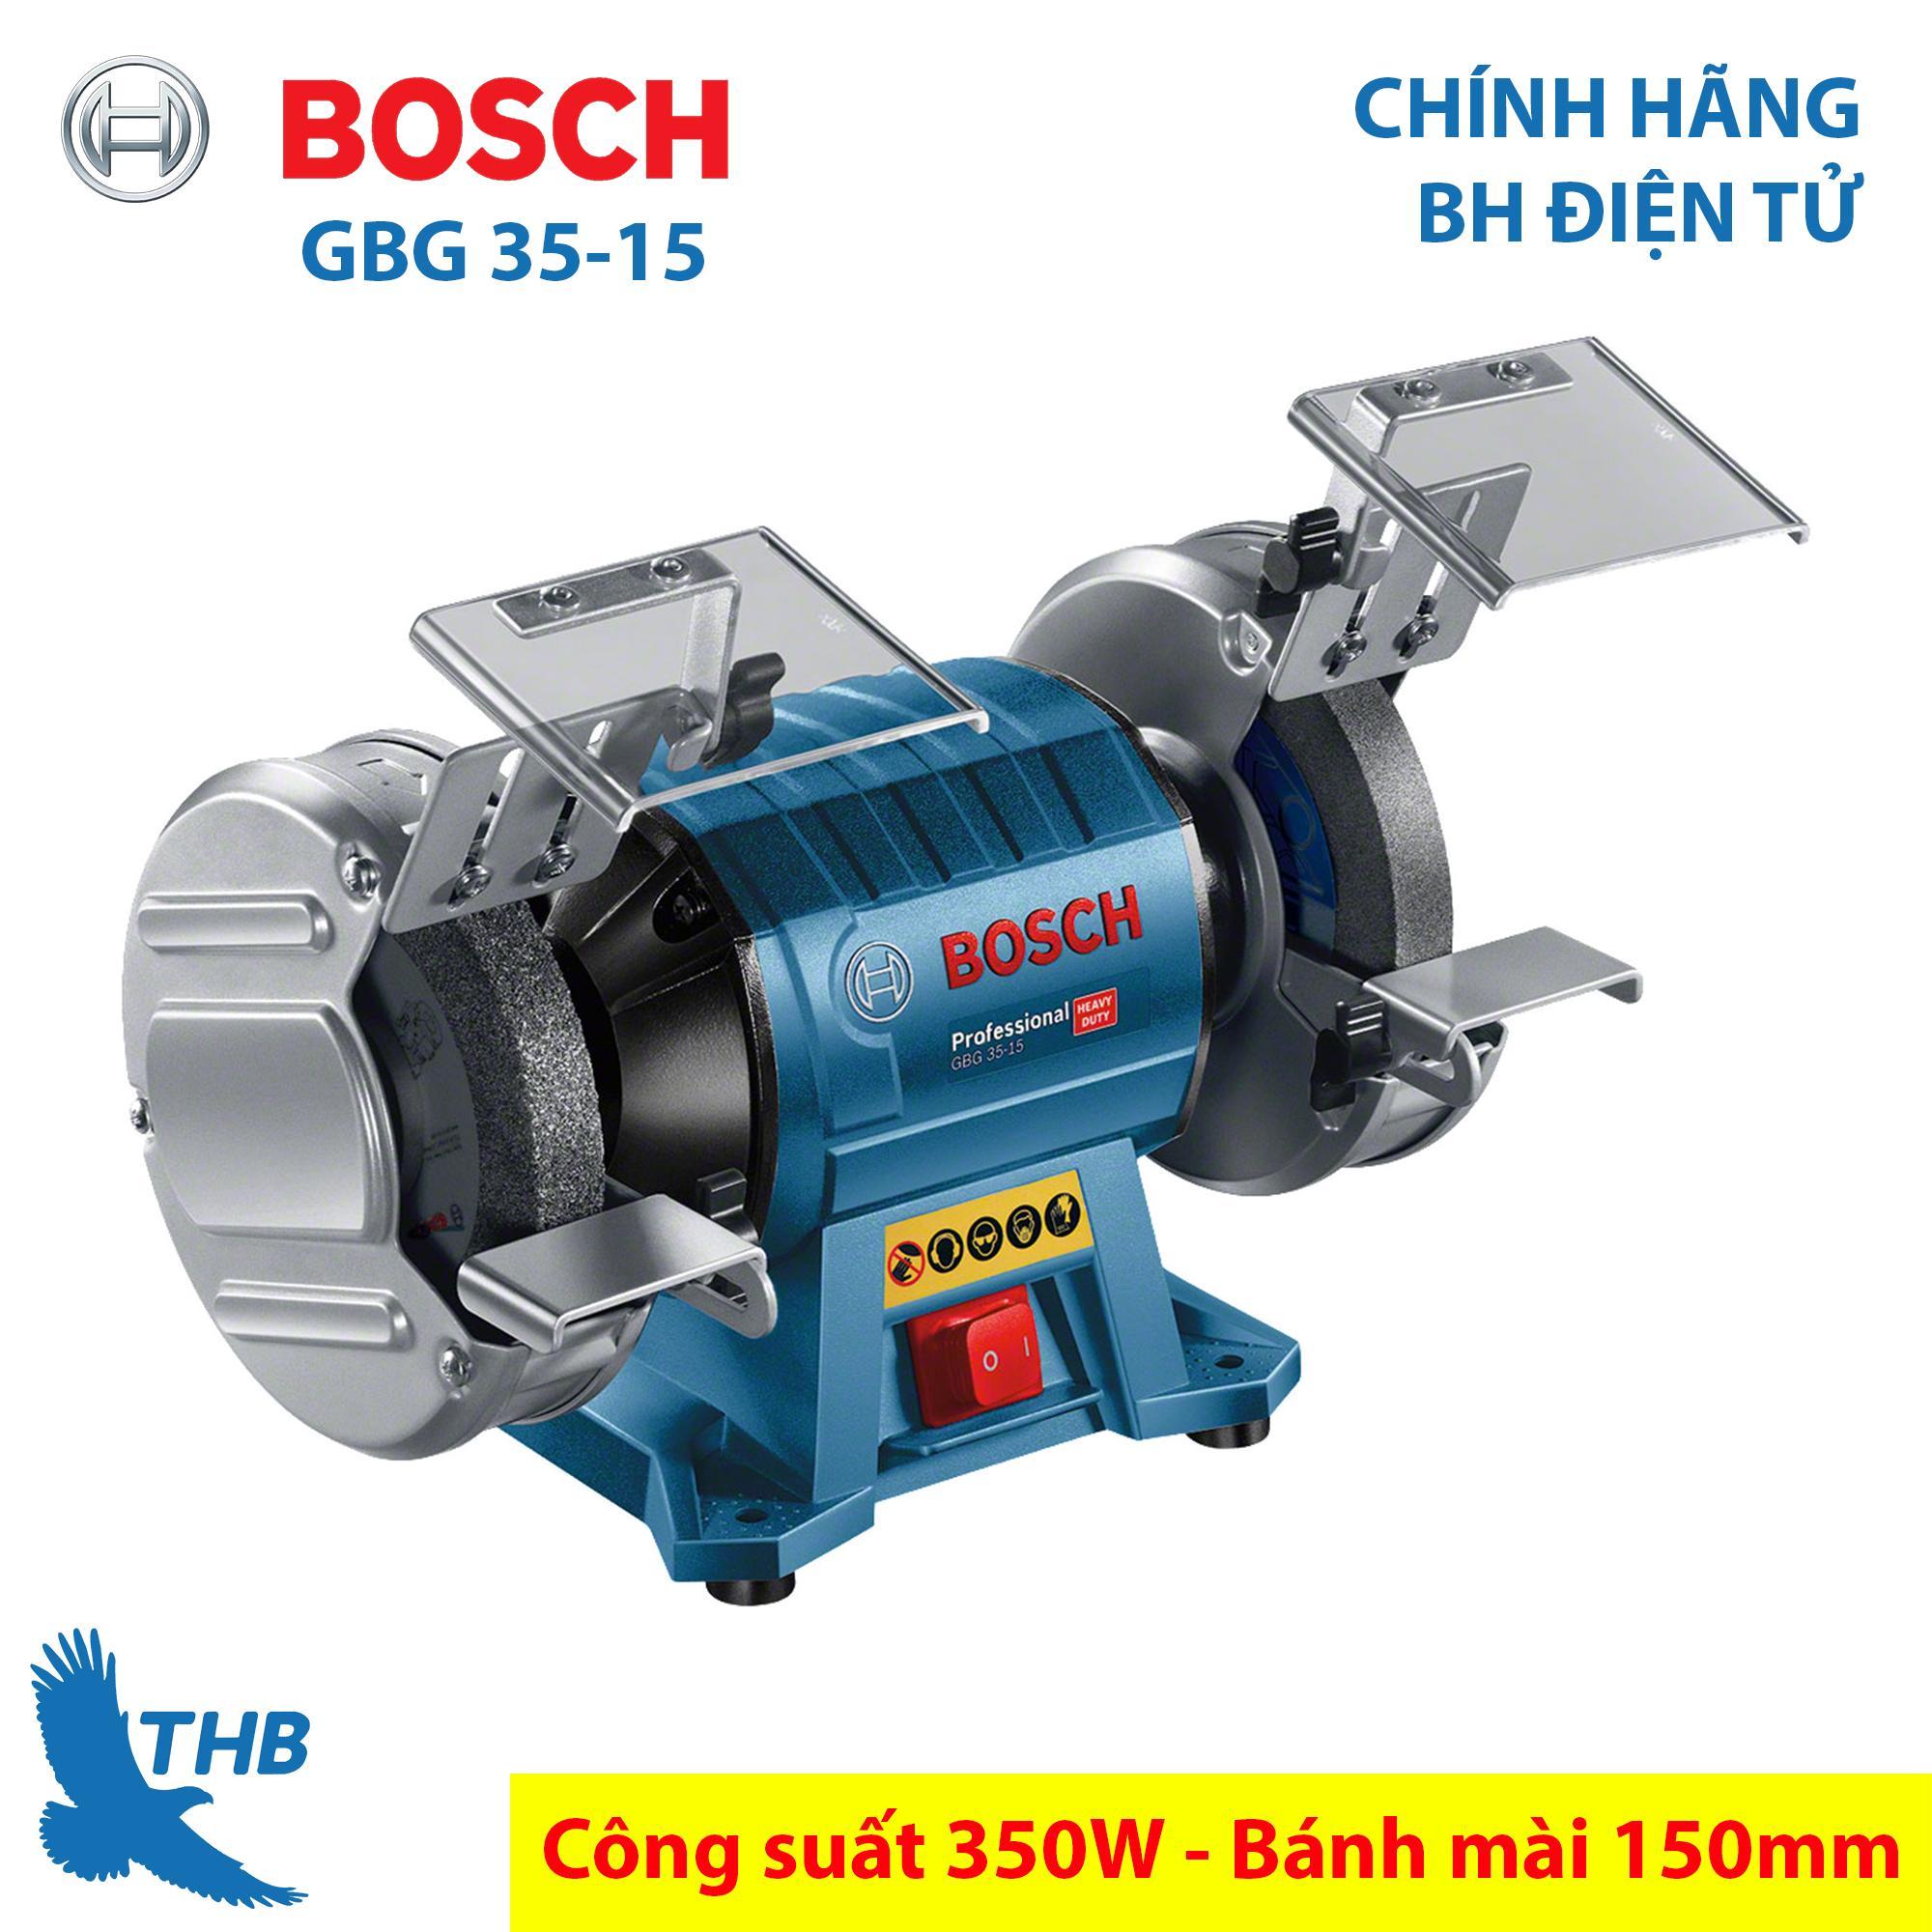 Máy mài để bàn 2 đá Bosch GBG 35-15 Công suất 350W Bánh mài 150mm Bảo hành điện tử 12 tháng